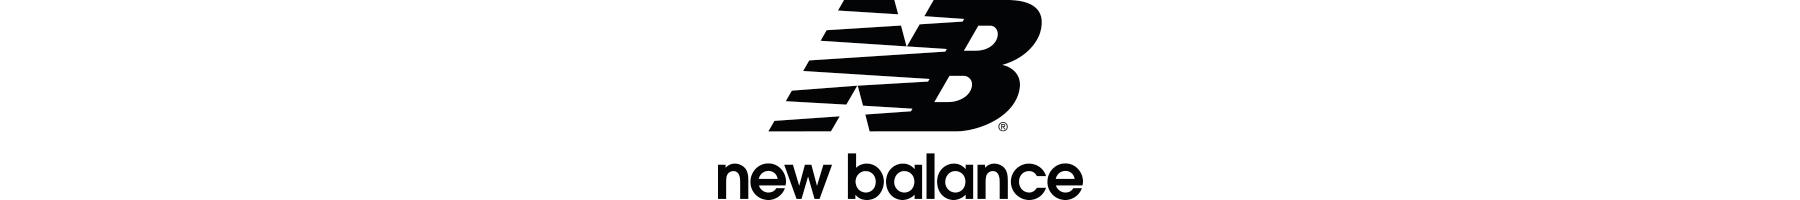 DrJays.com - New Balance